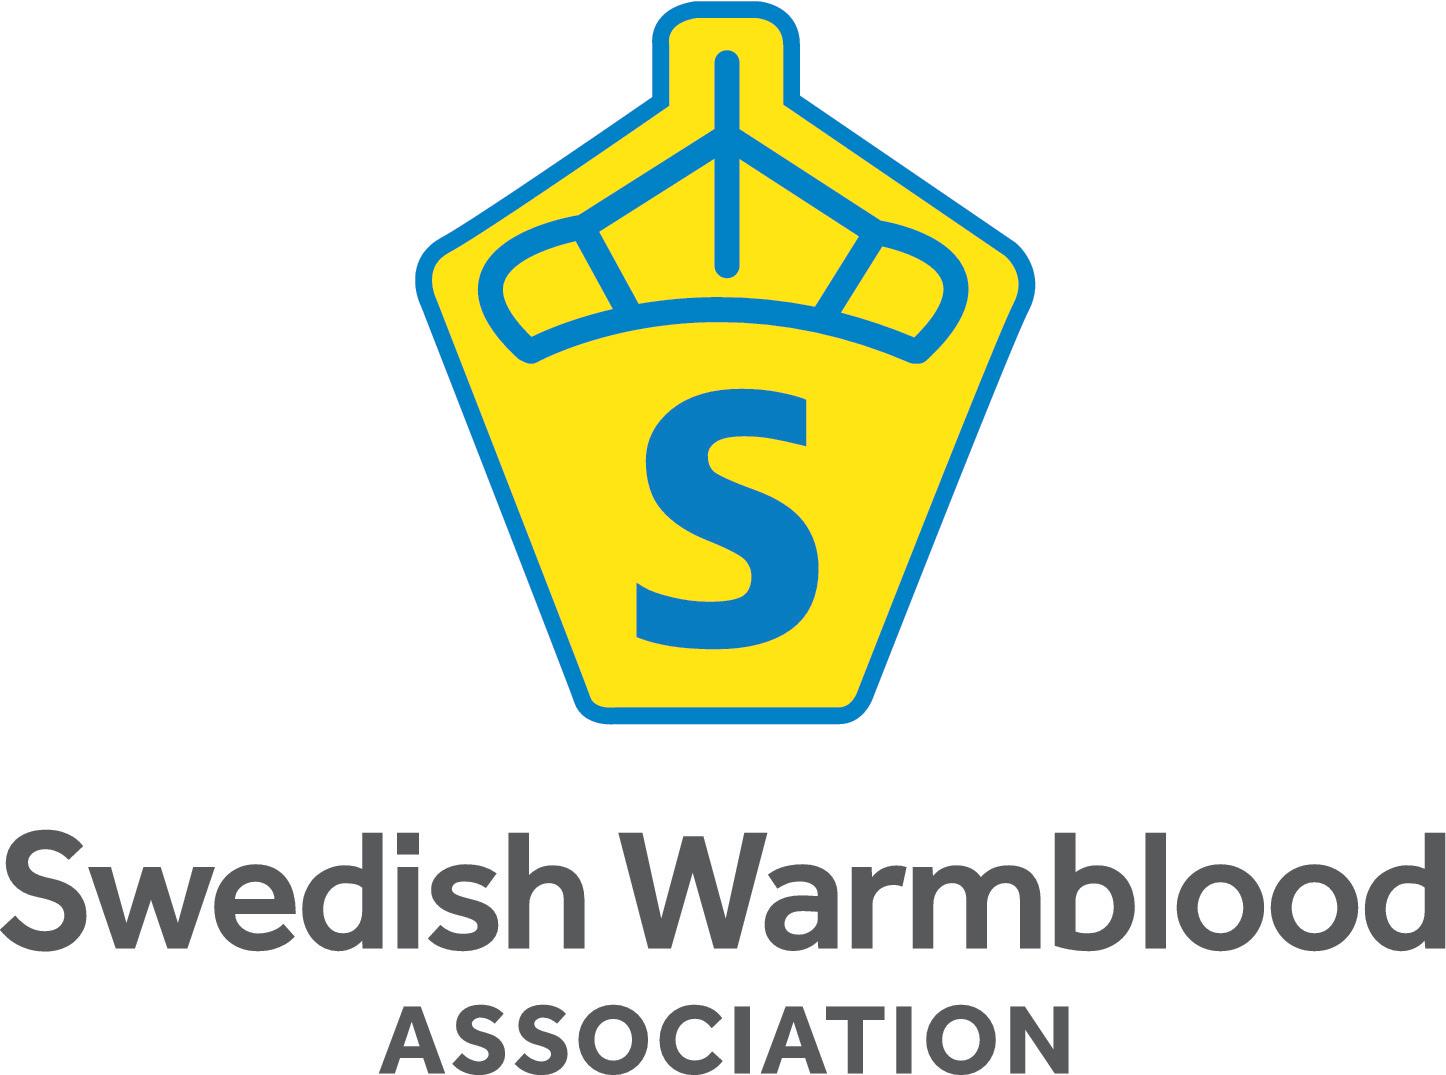 swb dokumentarkiv swb swedish warmblood association. Black Bedroom Furniture Sets. Home Design Ideas